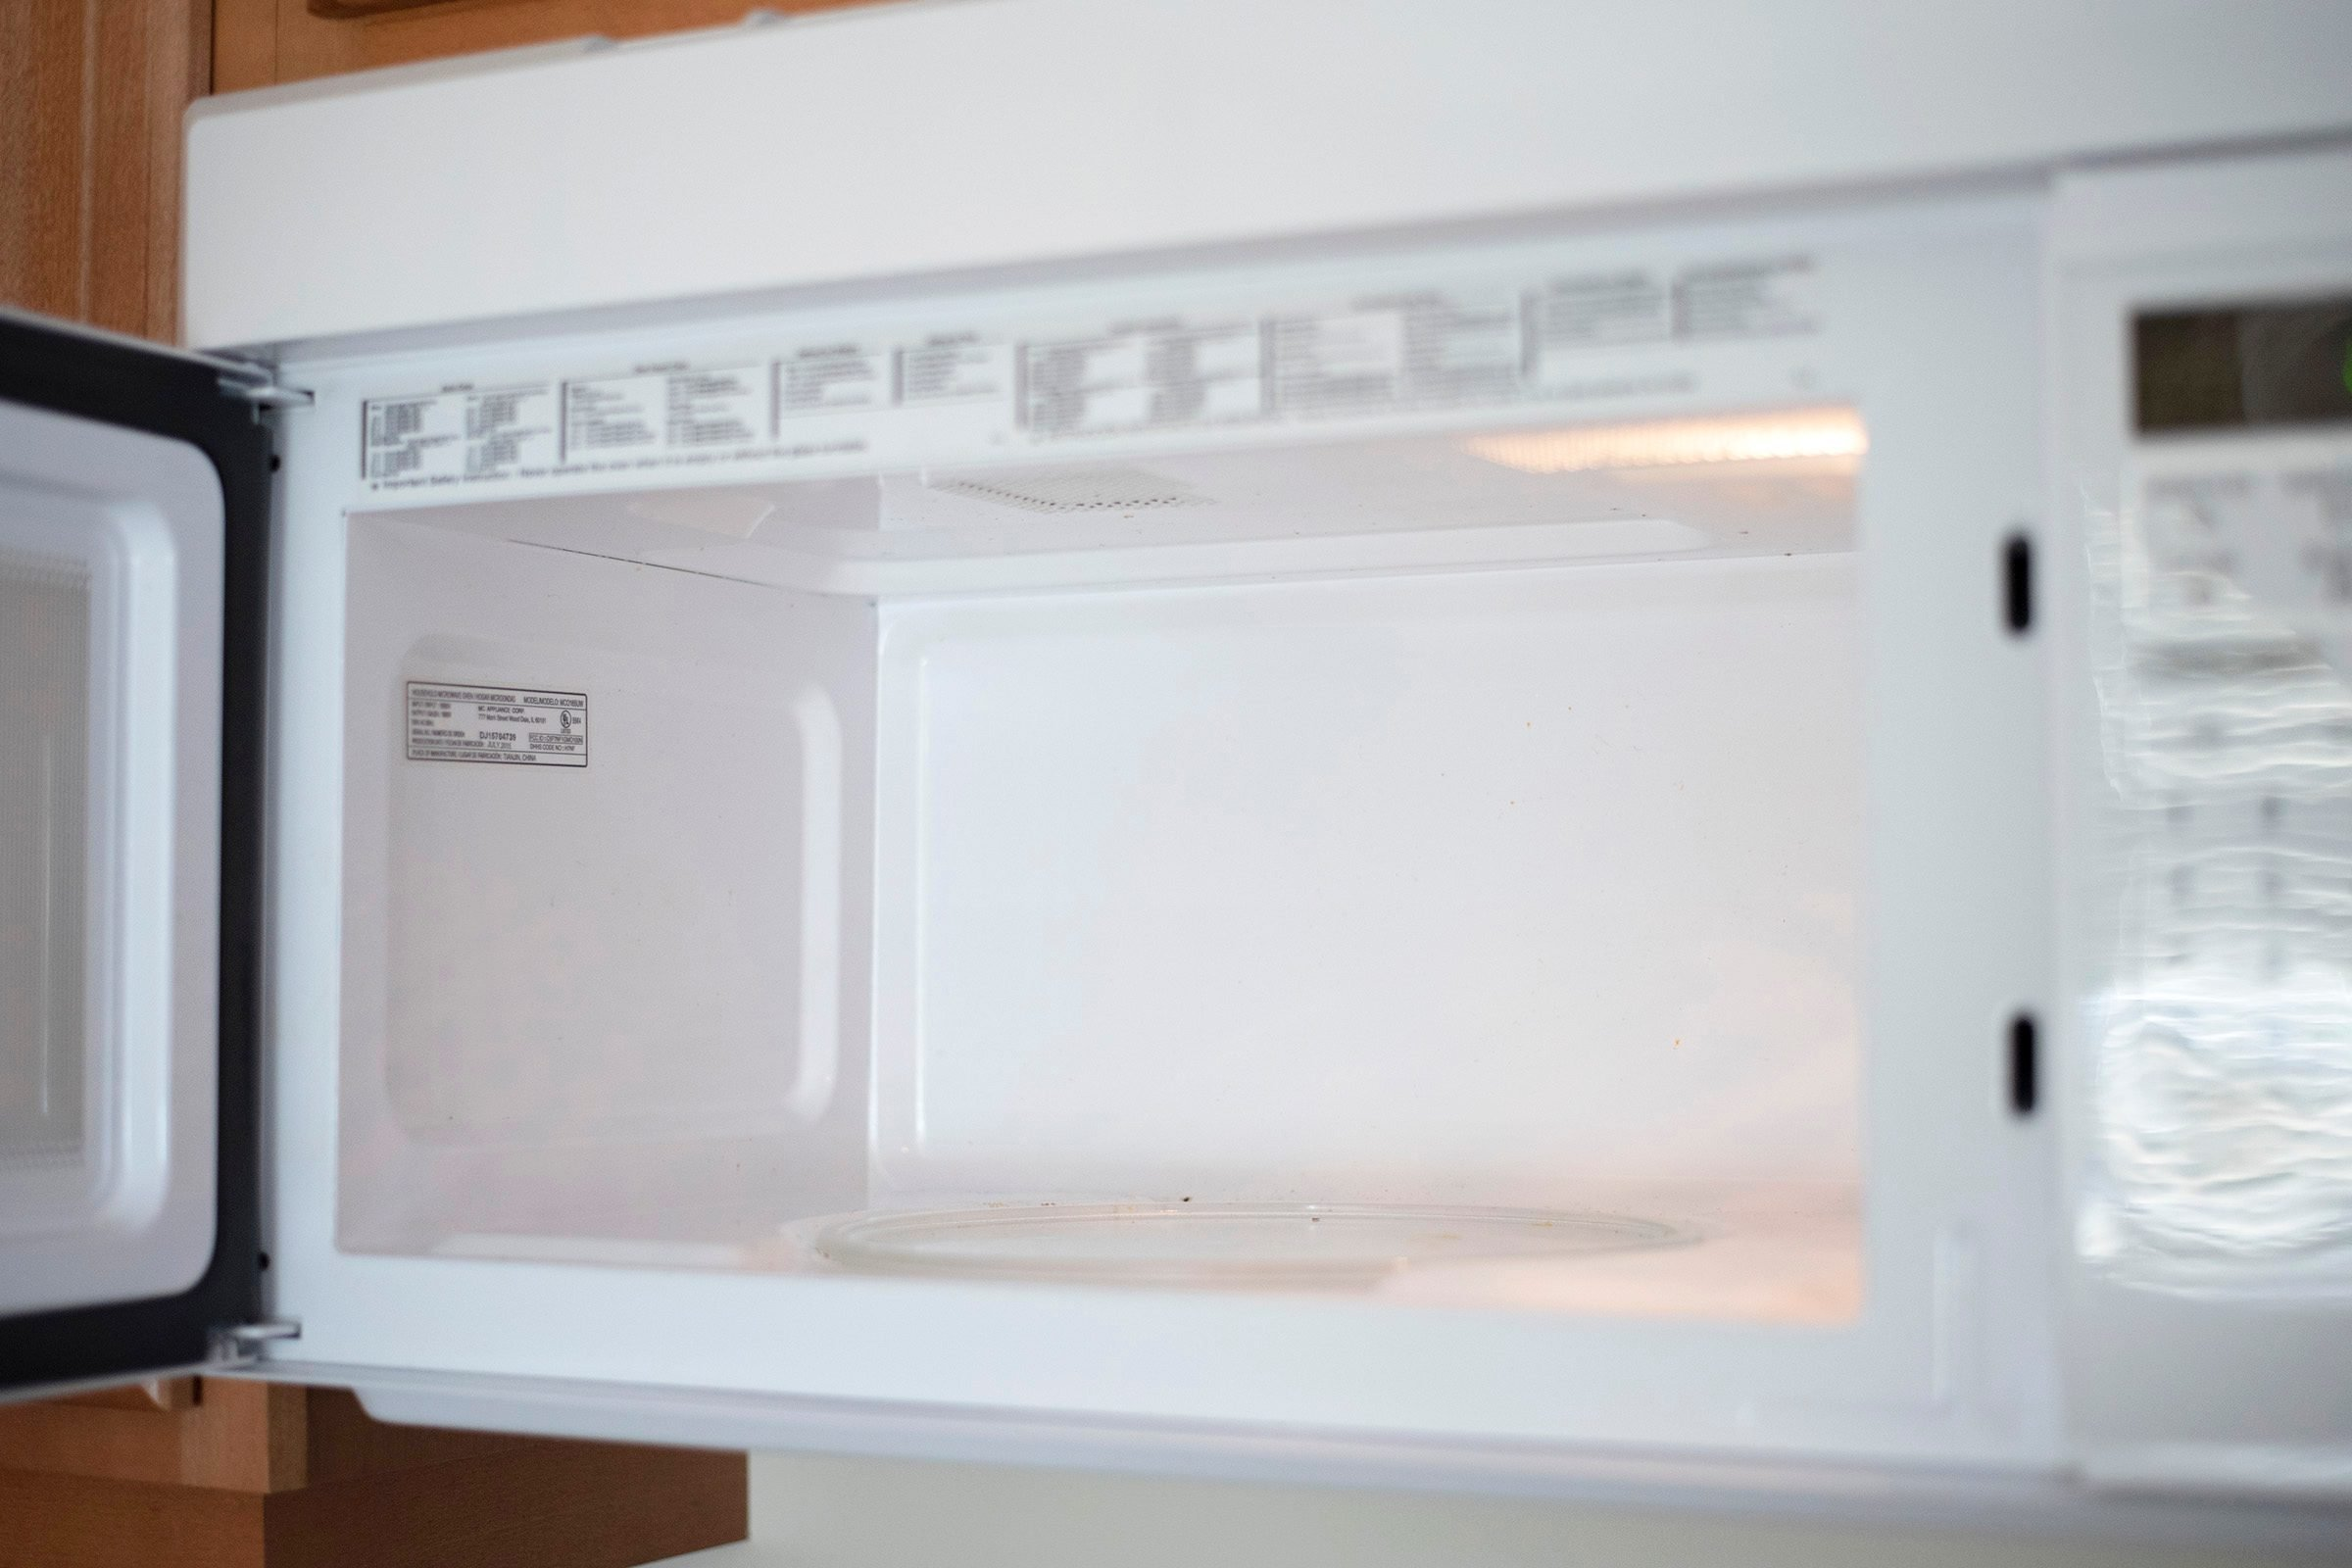 empty microwave